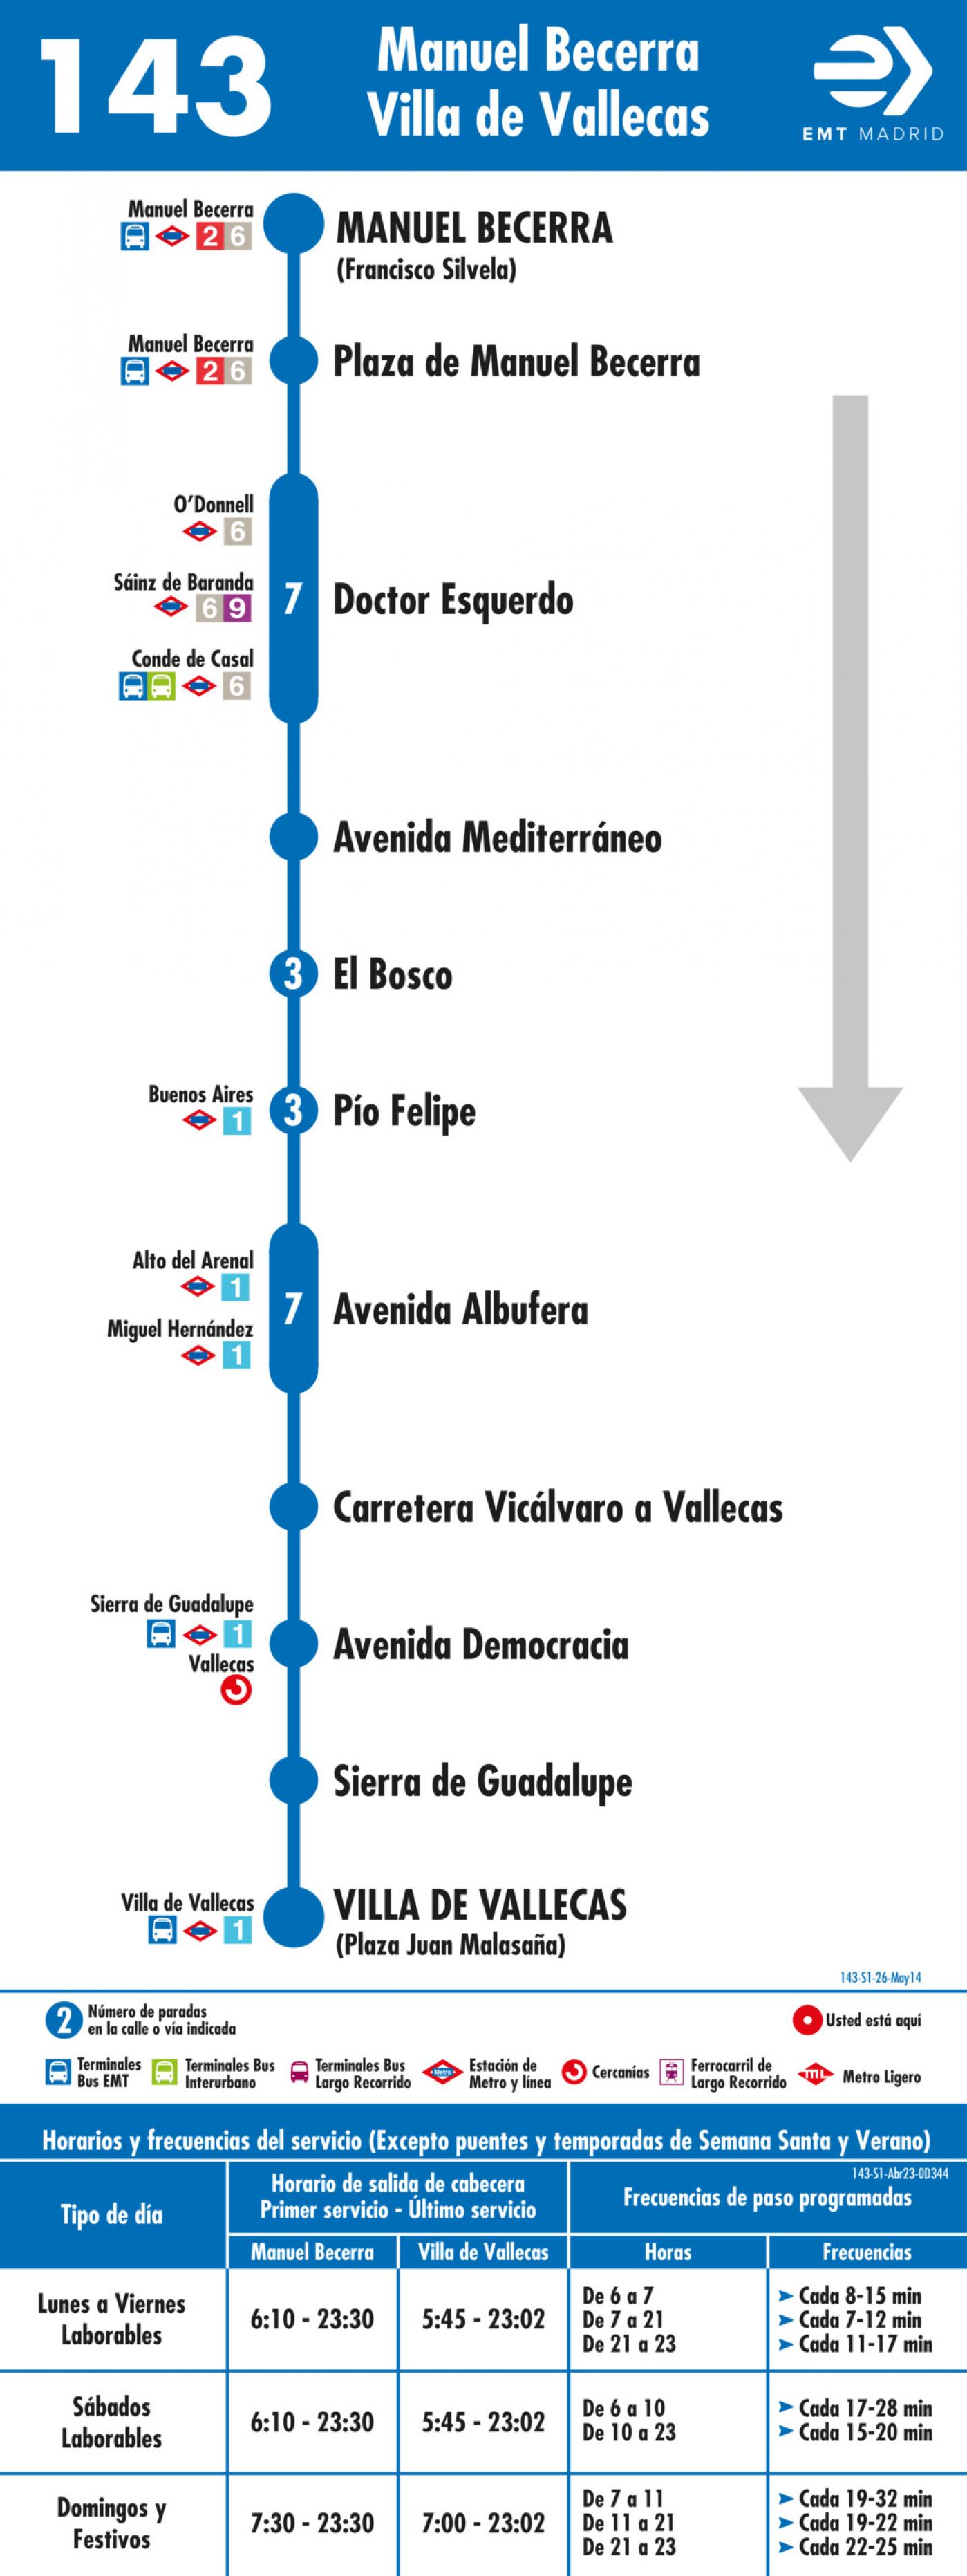 Tabla de horarios y frecuencias de paso en sentido ida Línea 143: Plaza de Manuel Becerra - Villa de Vallecas